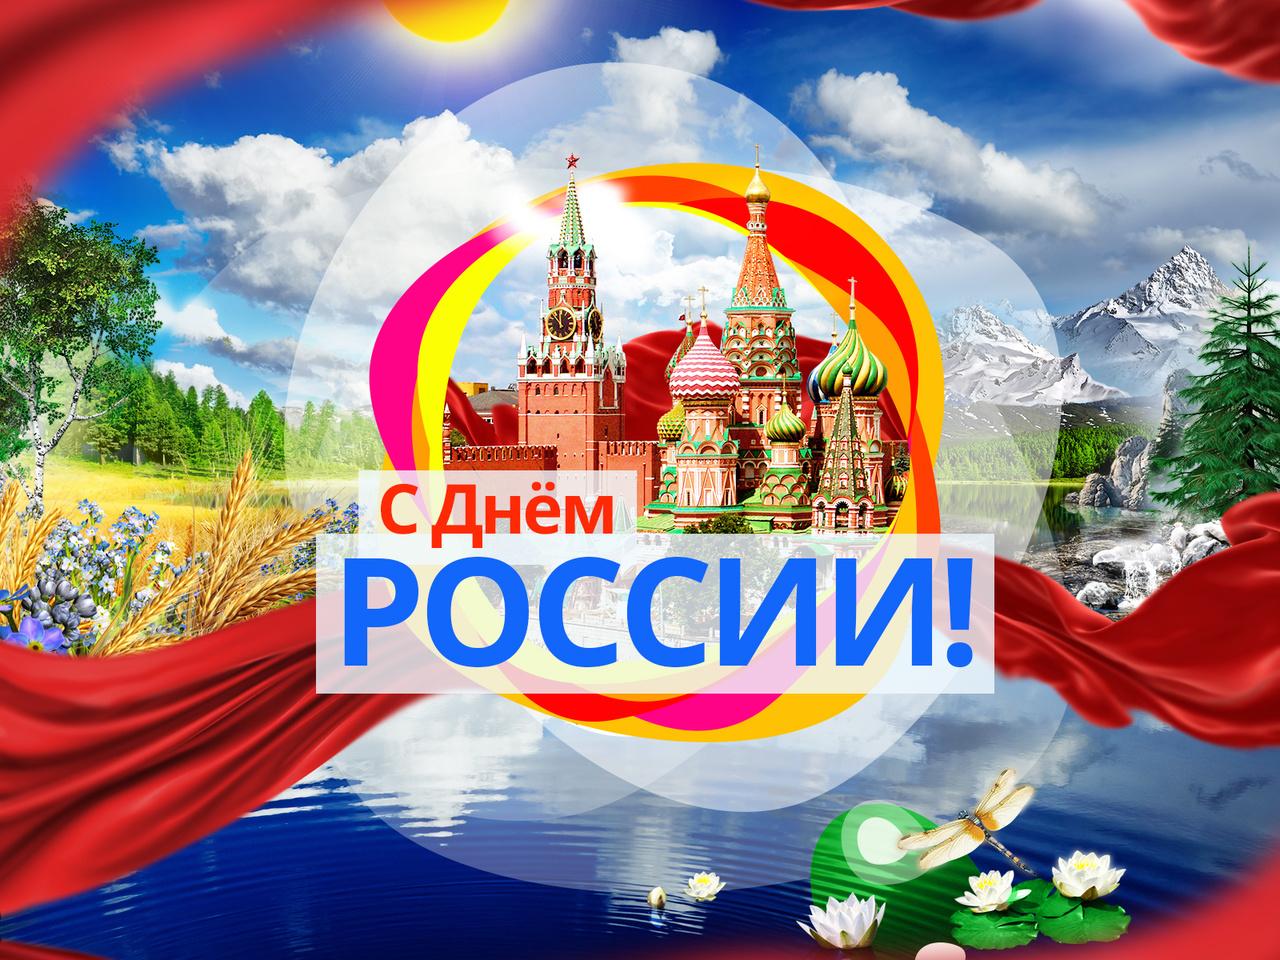 итоге классные картинки с днем россии нашему рецепту пошаговыми